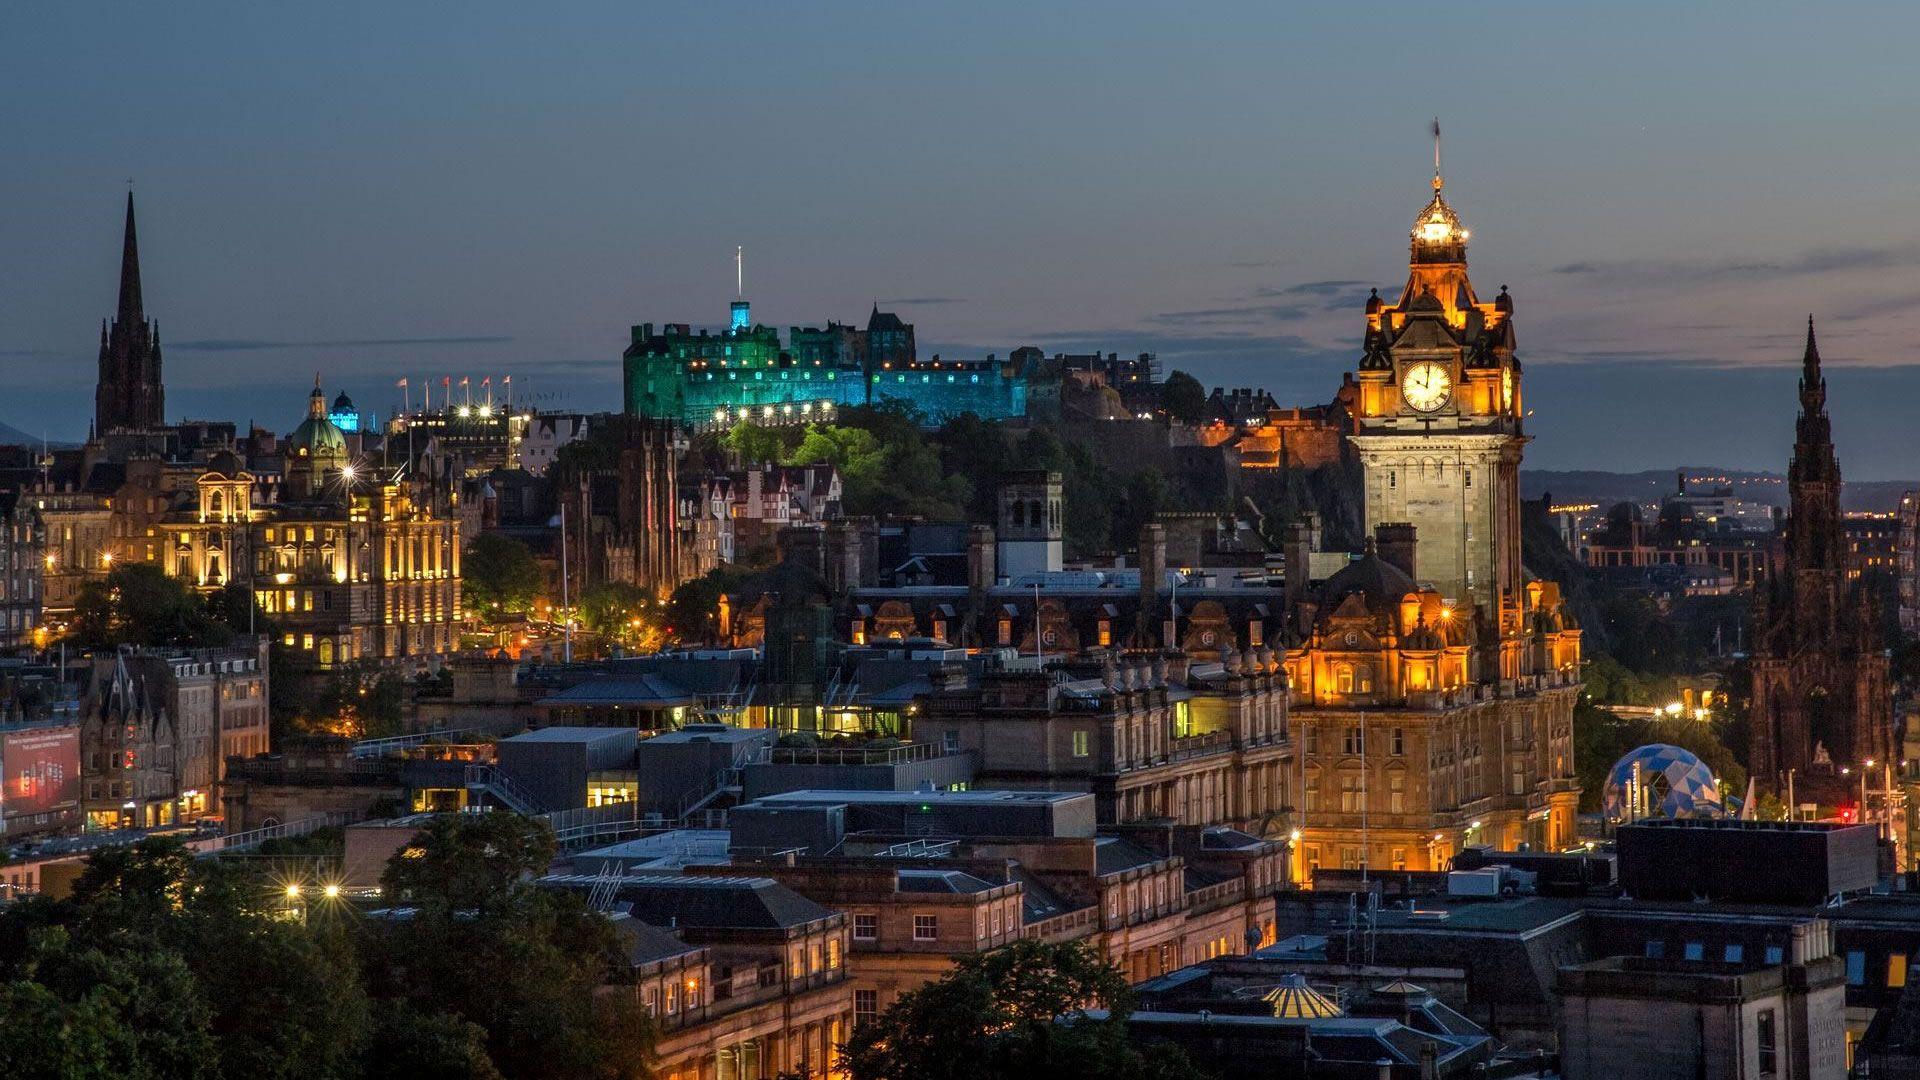 Edimburgo se suma a Venecia, Barcelona y Dubrovnik, preocupada por la cantidad de turistas